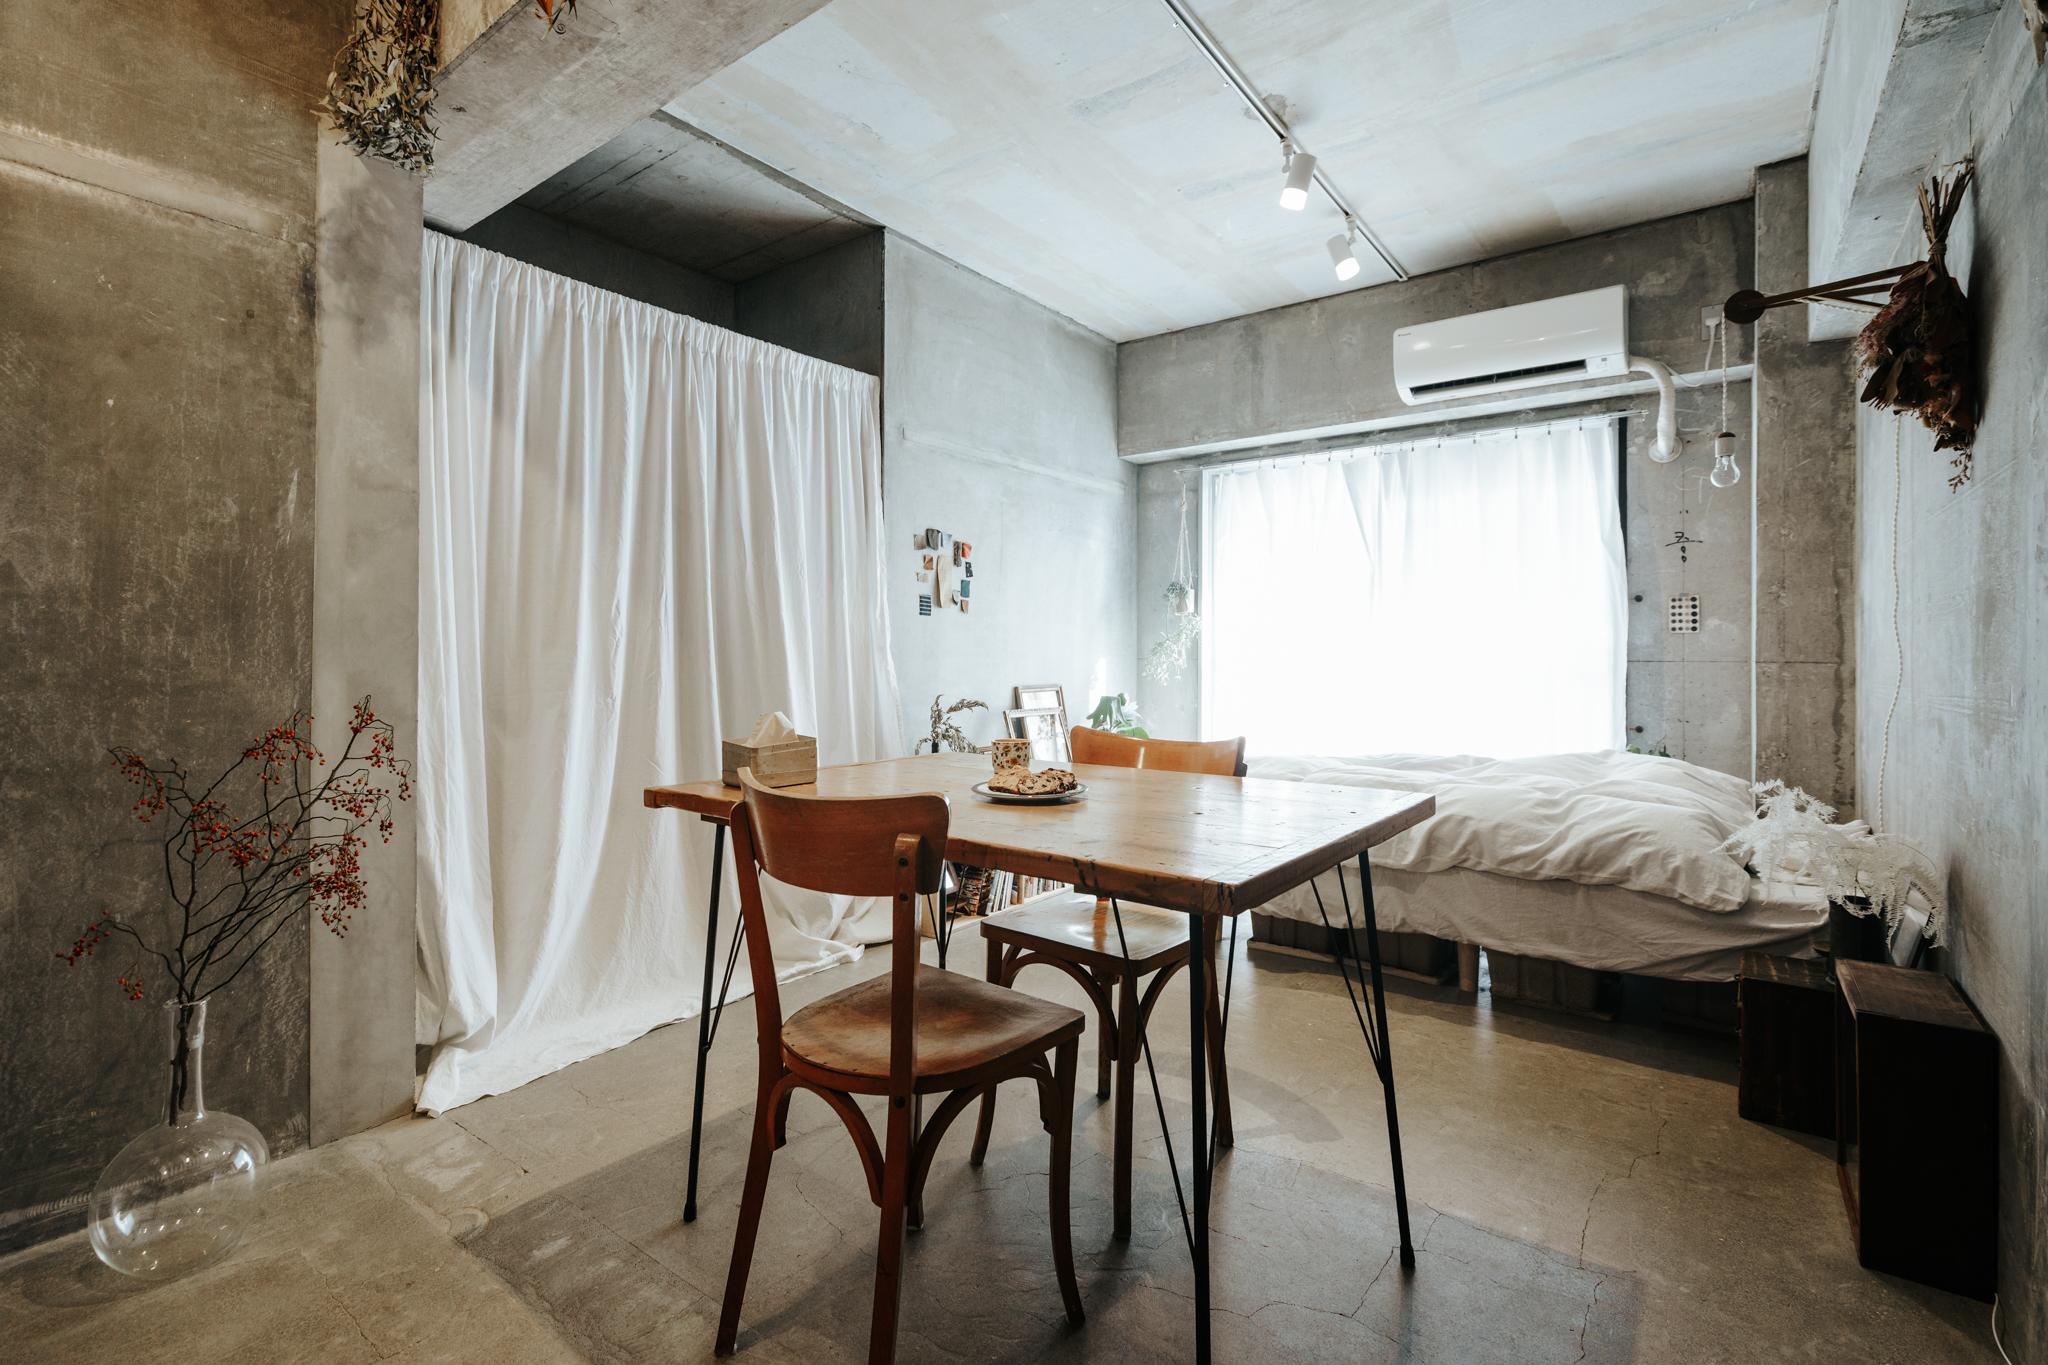 置かれている家具も、部屋に合わせて必要最小限。ベッドと、「WOODPRO」(https://www.woodpro21.com/)で作ってもらった古材の足場板のダイニングテーブルに、ヴィンテージの椅子を合わせていらっしゃいます。